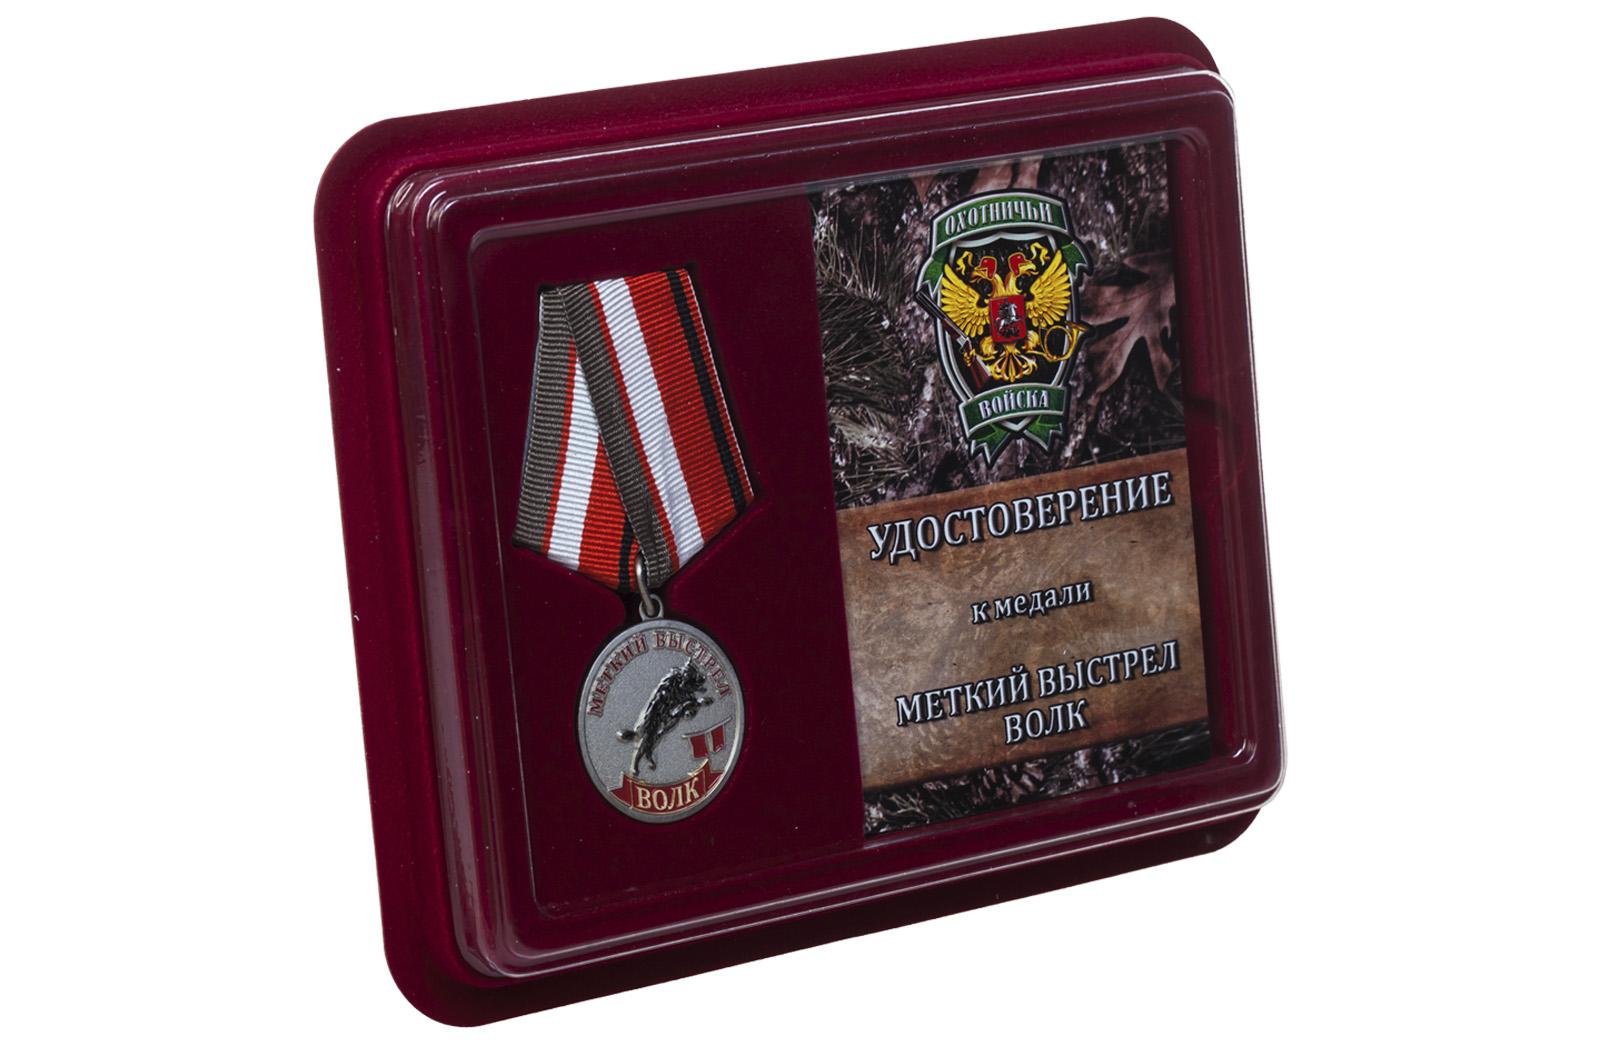 Купить медаль Меткий выстрел Волк в подарок охотнику